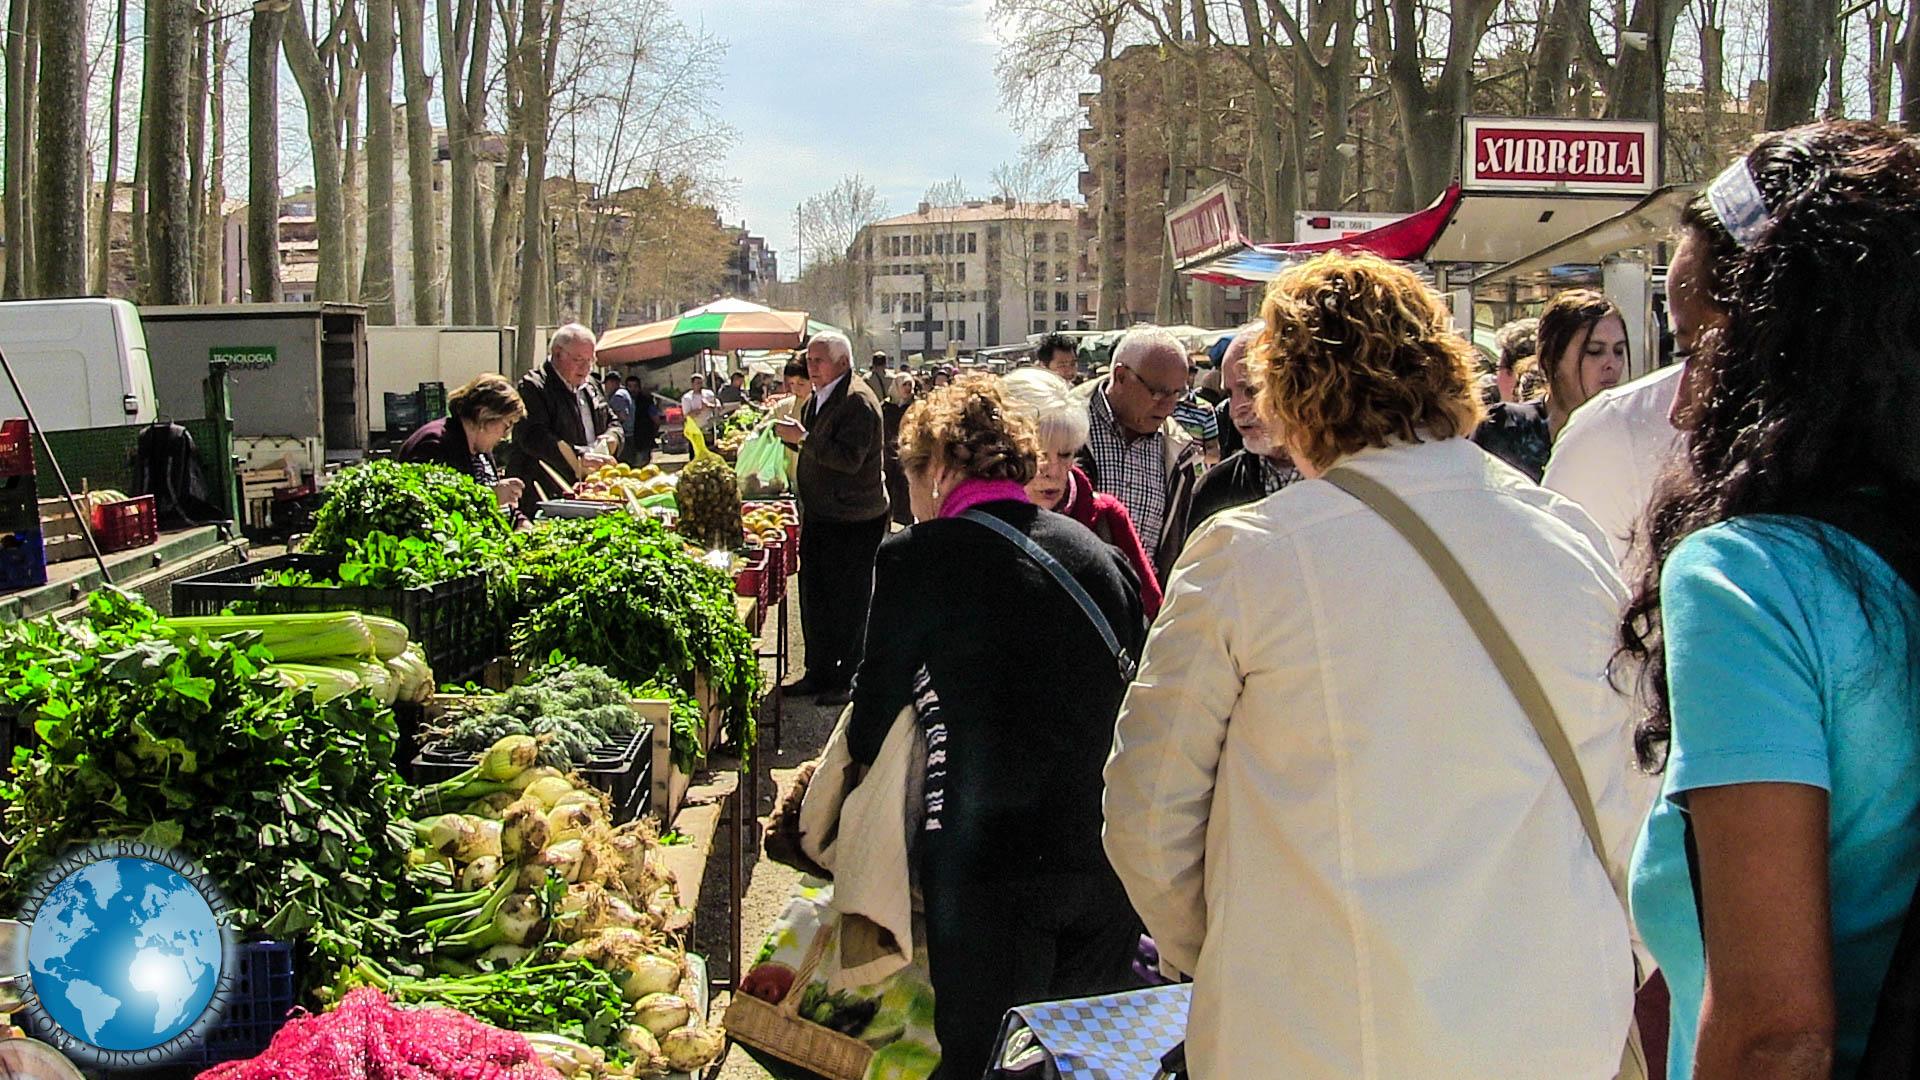 Cris at the Devesa Market